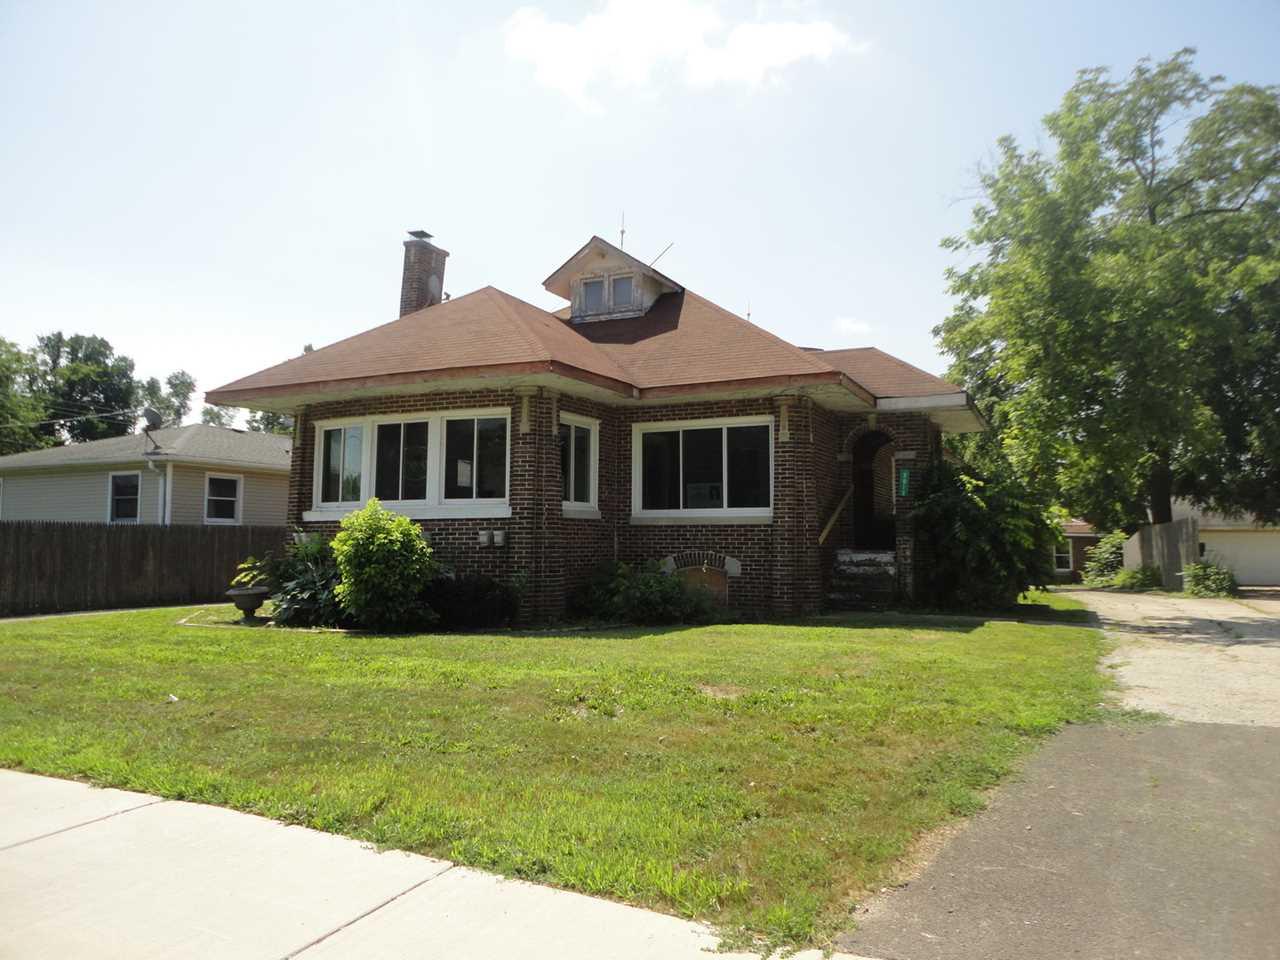 3913 Grand Ave Gurnee, IL 60031 | MLS 10099288 Photo 1